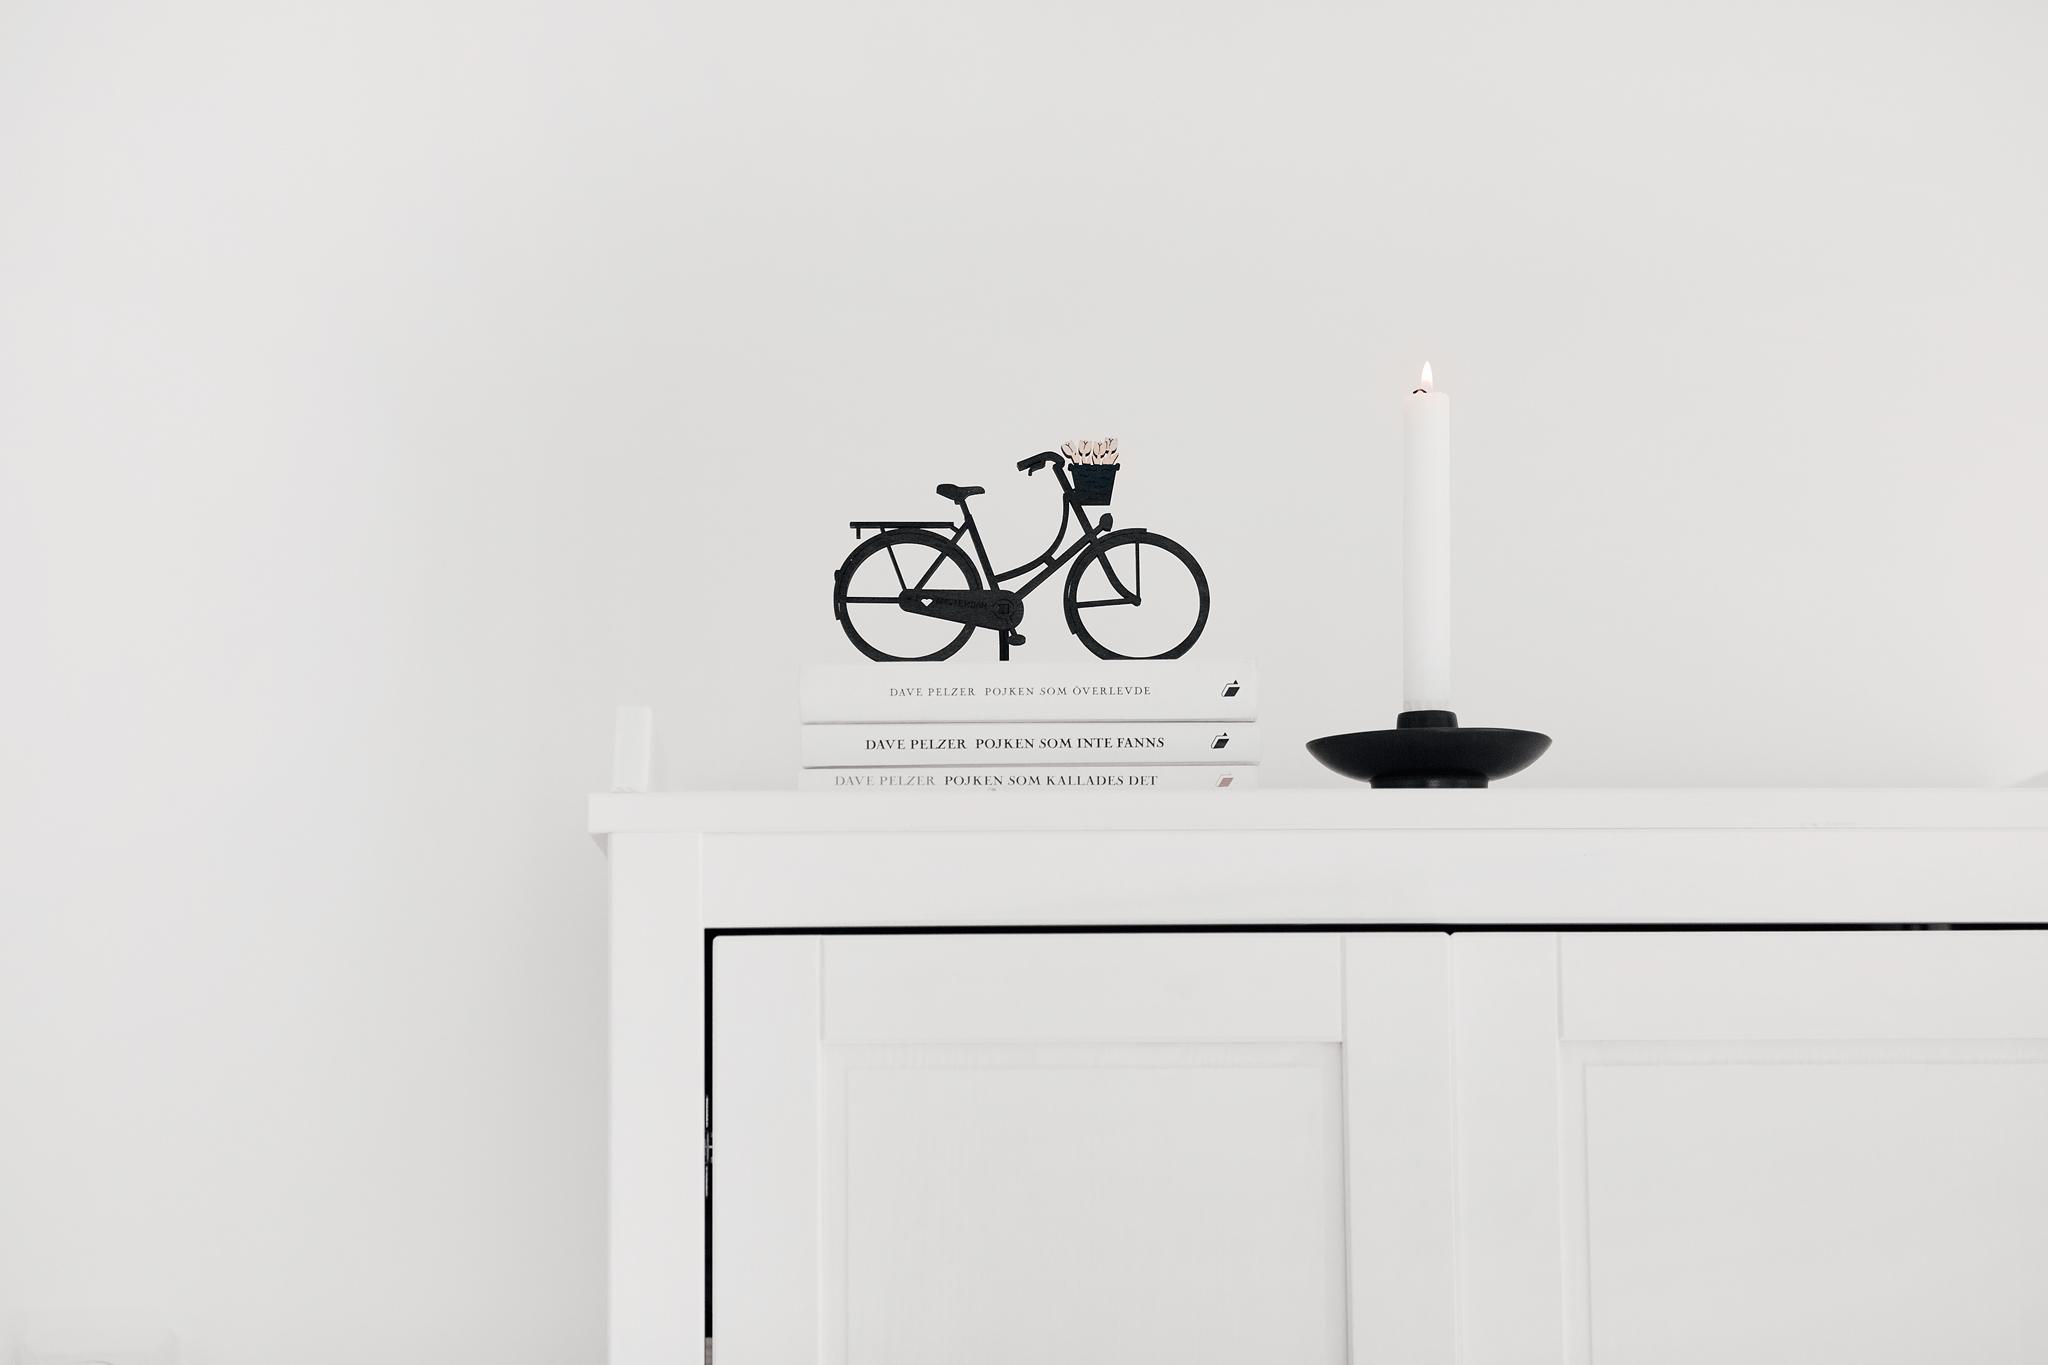 Cykel från Amsterdam